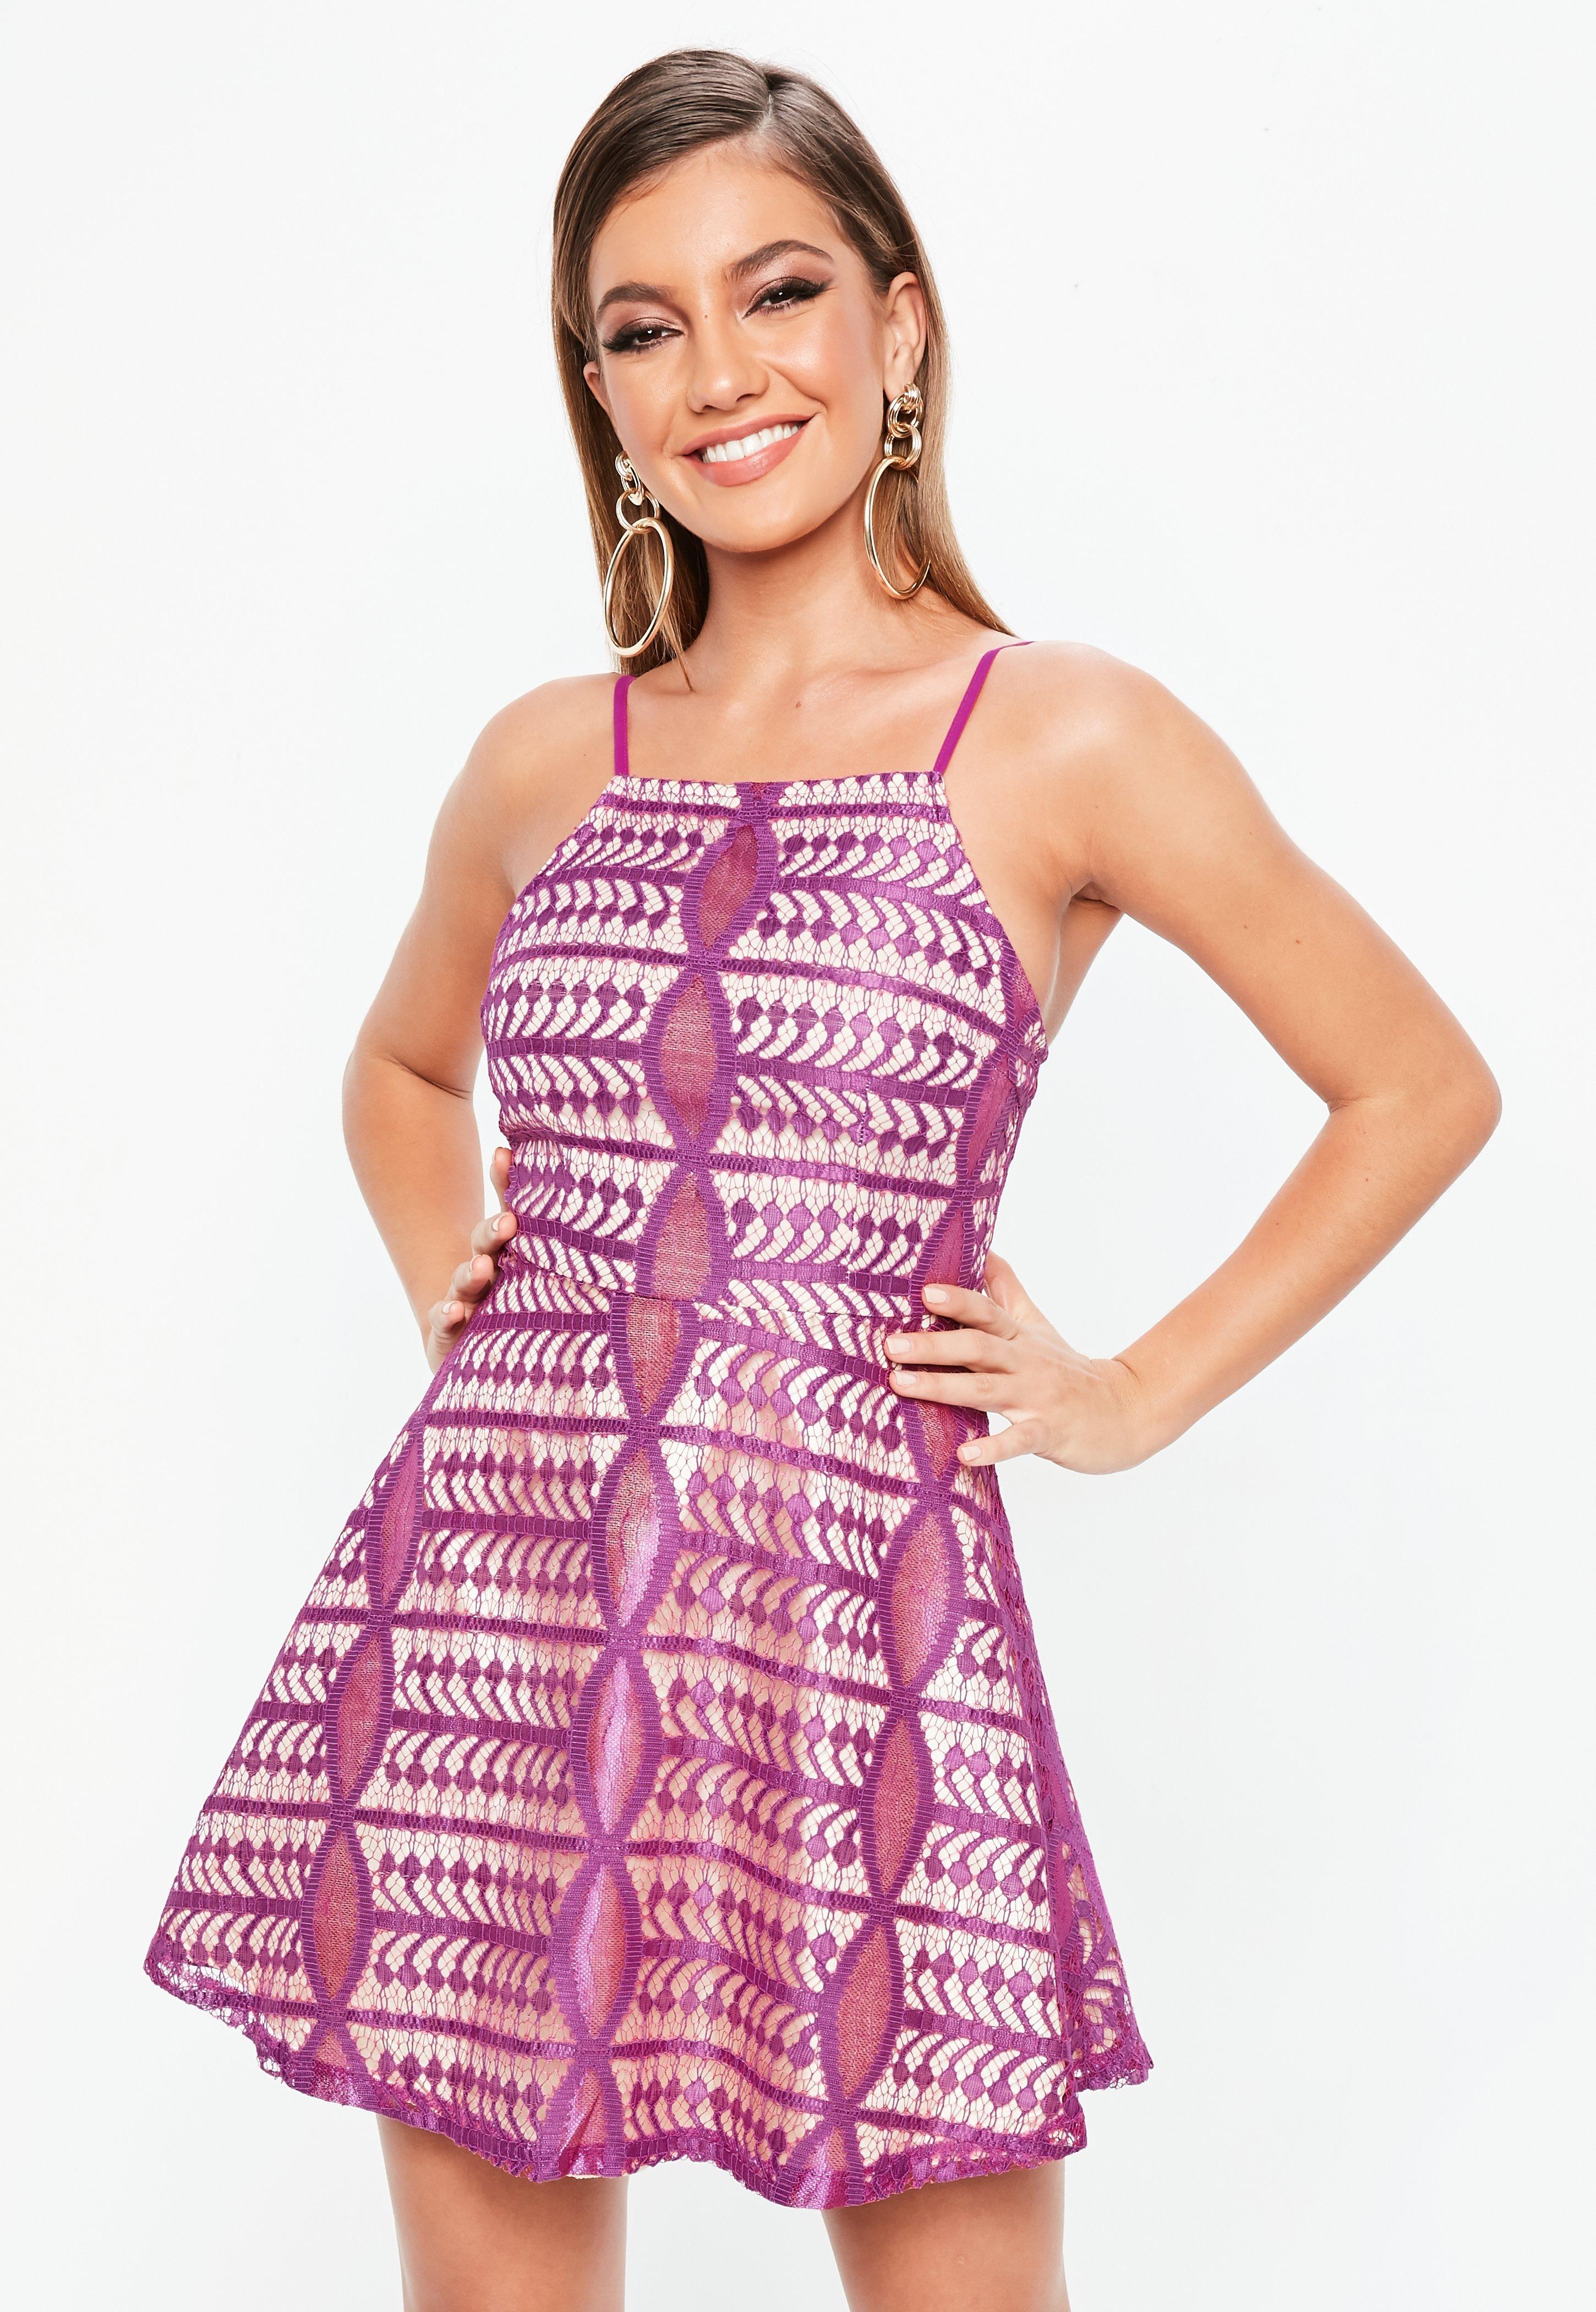 Vestido de encaje | Vestidos de encaje cortos - Missguided